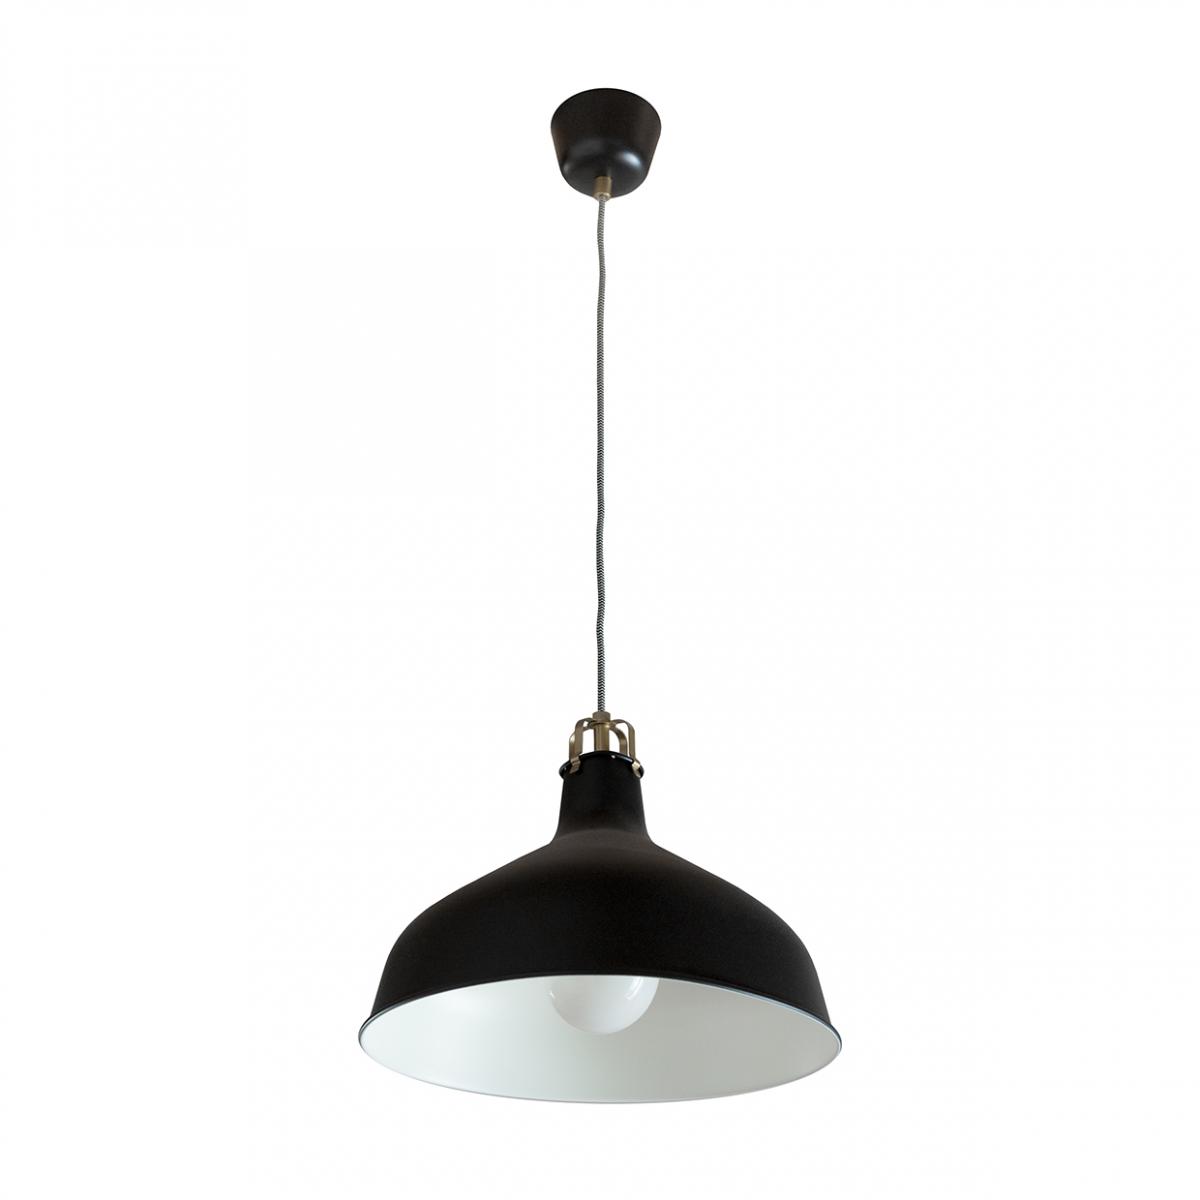 Imagen en la que se ve una lámpara de techo